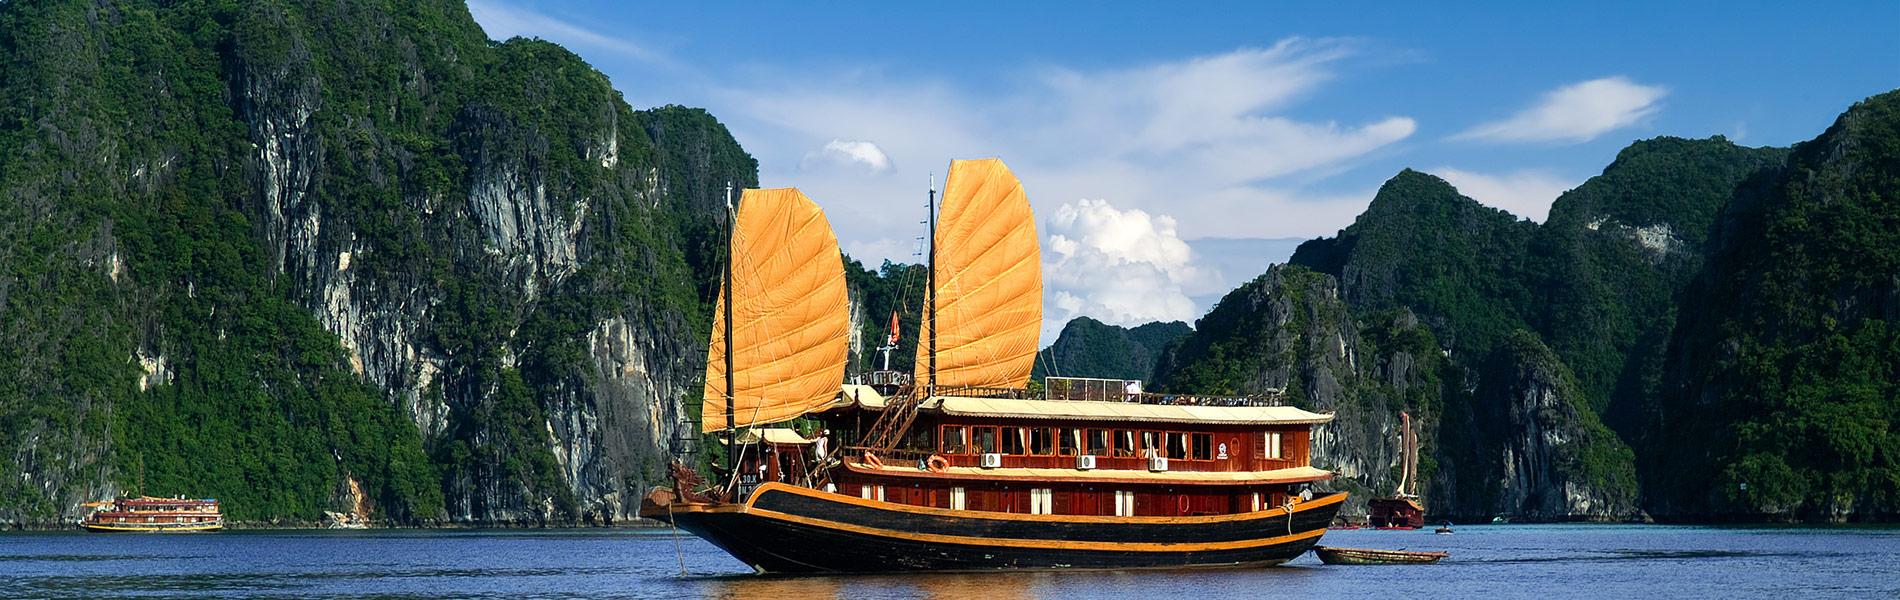 Sailboat on Halong Bay